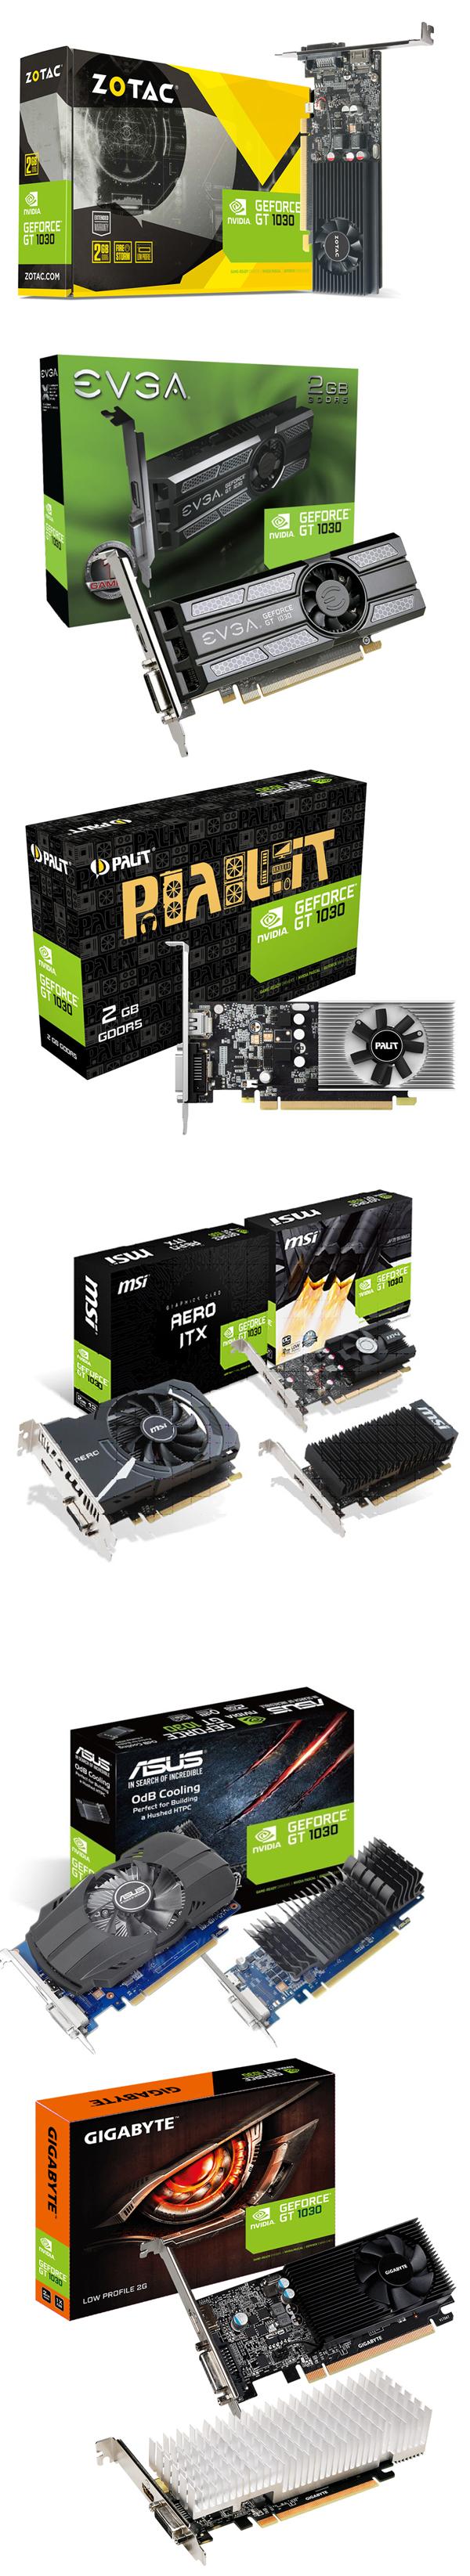 Llegan las gráficas GeForce GT 1030 personalizadas, Imagen 1